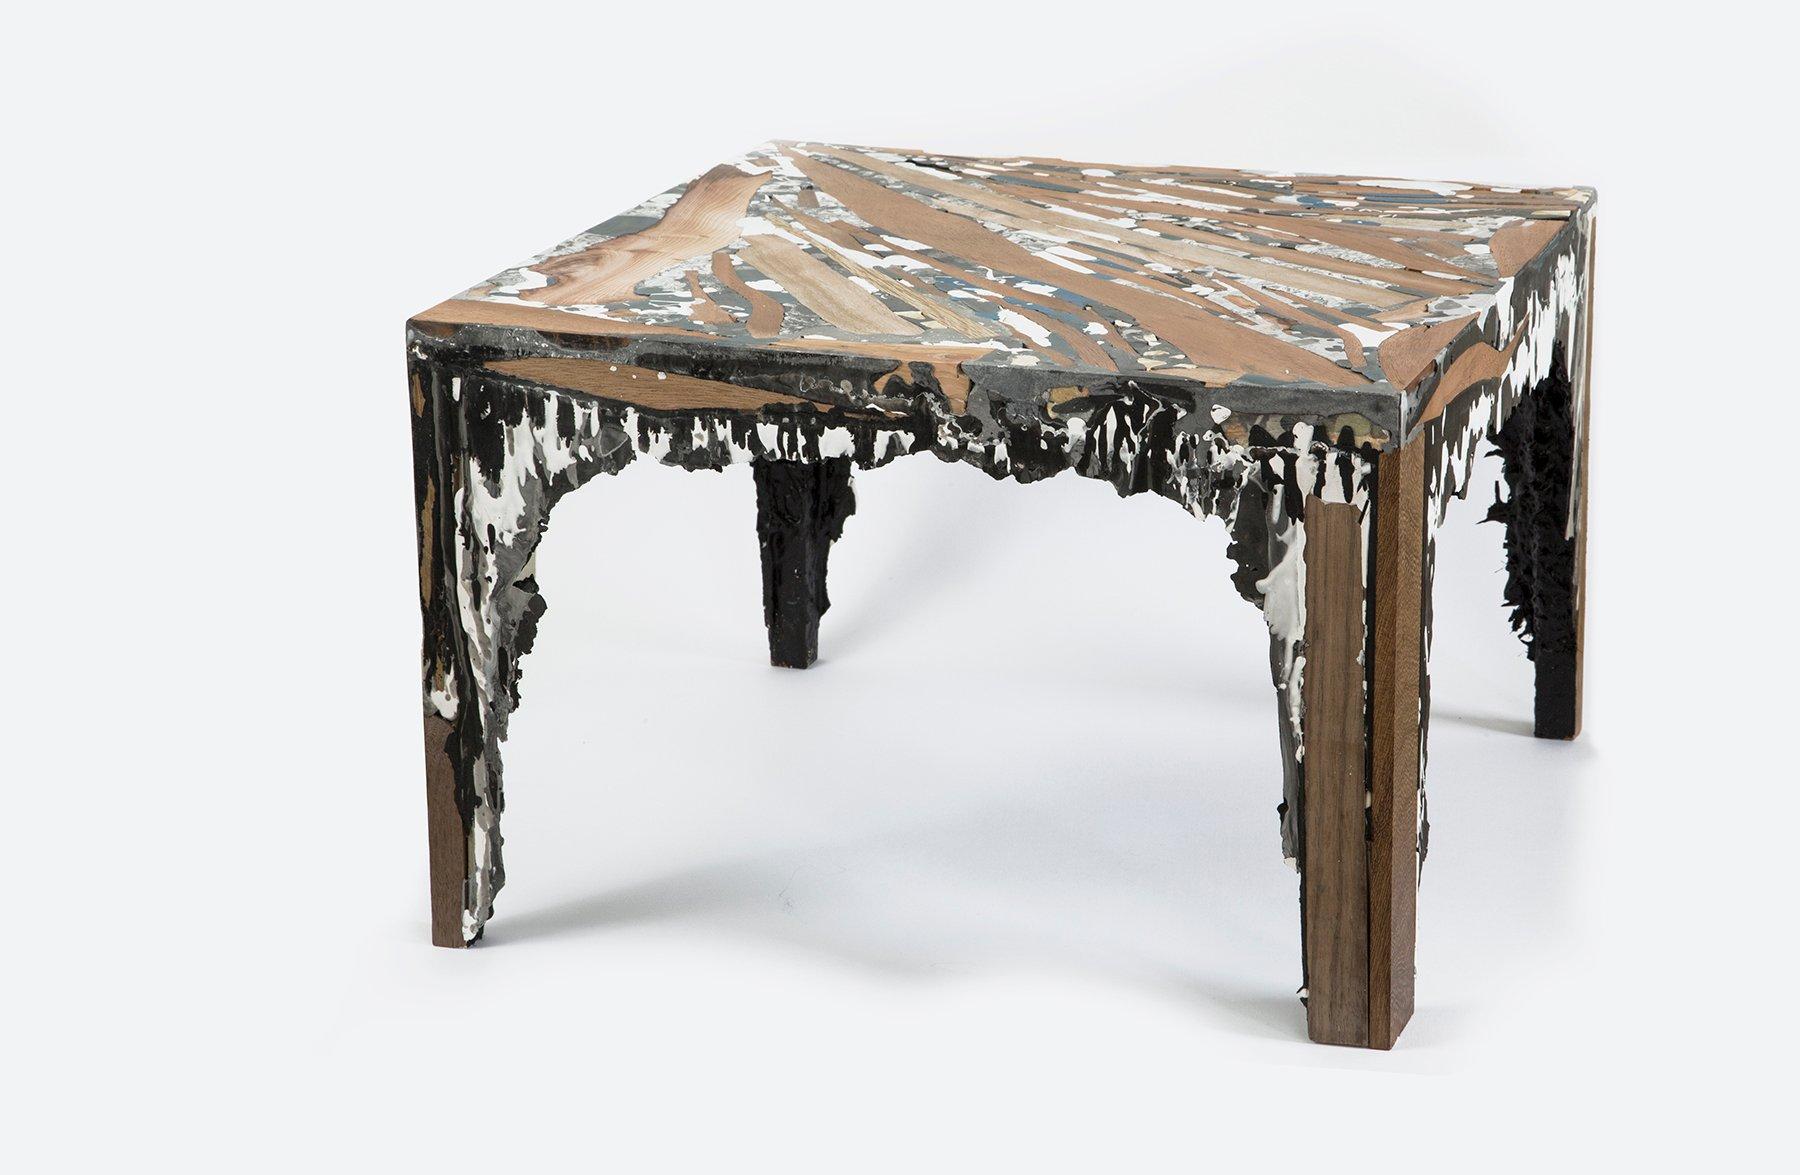 quadratischer schichtgestein tisch von rive roshan bei pamono kaufen. Black Bedroom Furniture Sets. Home Design Ideas